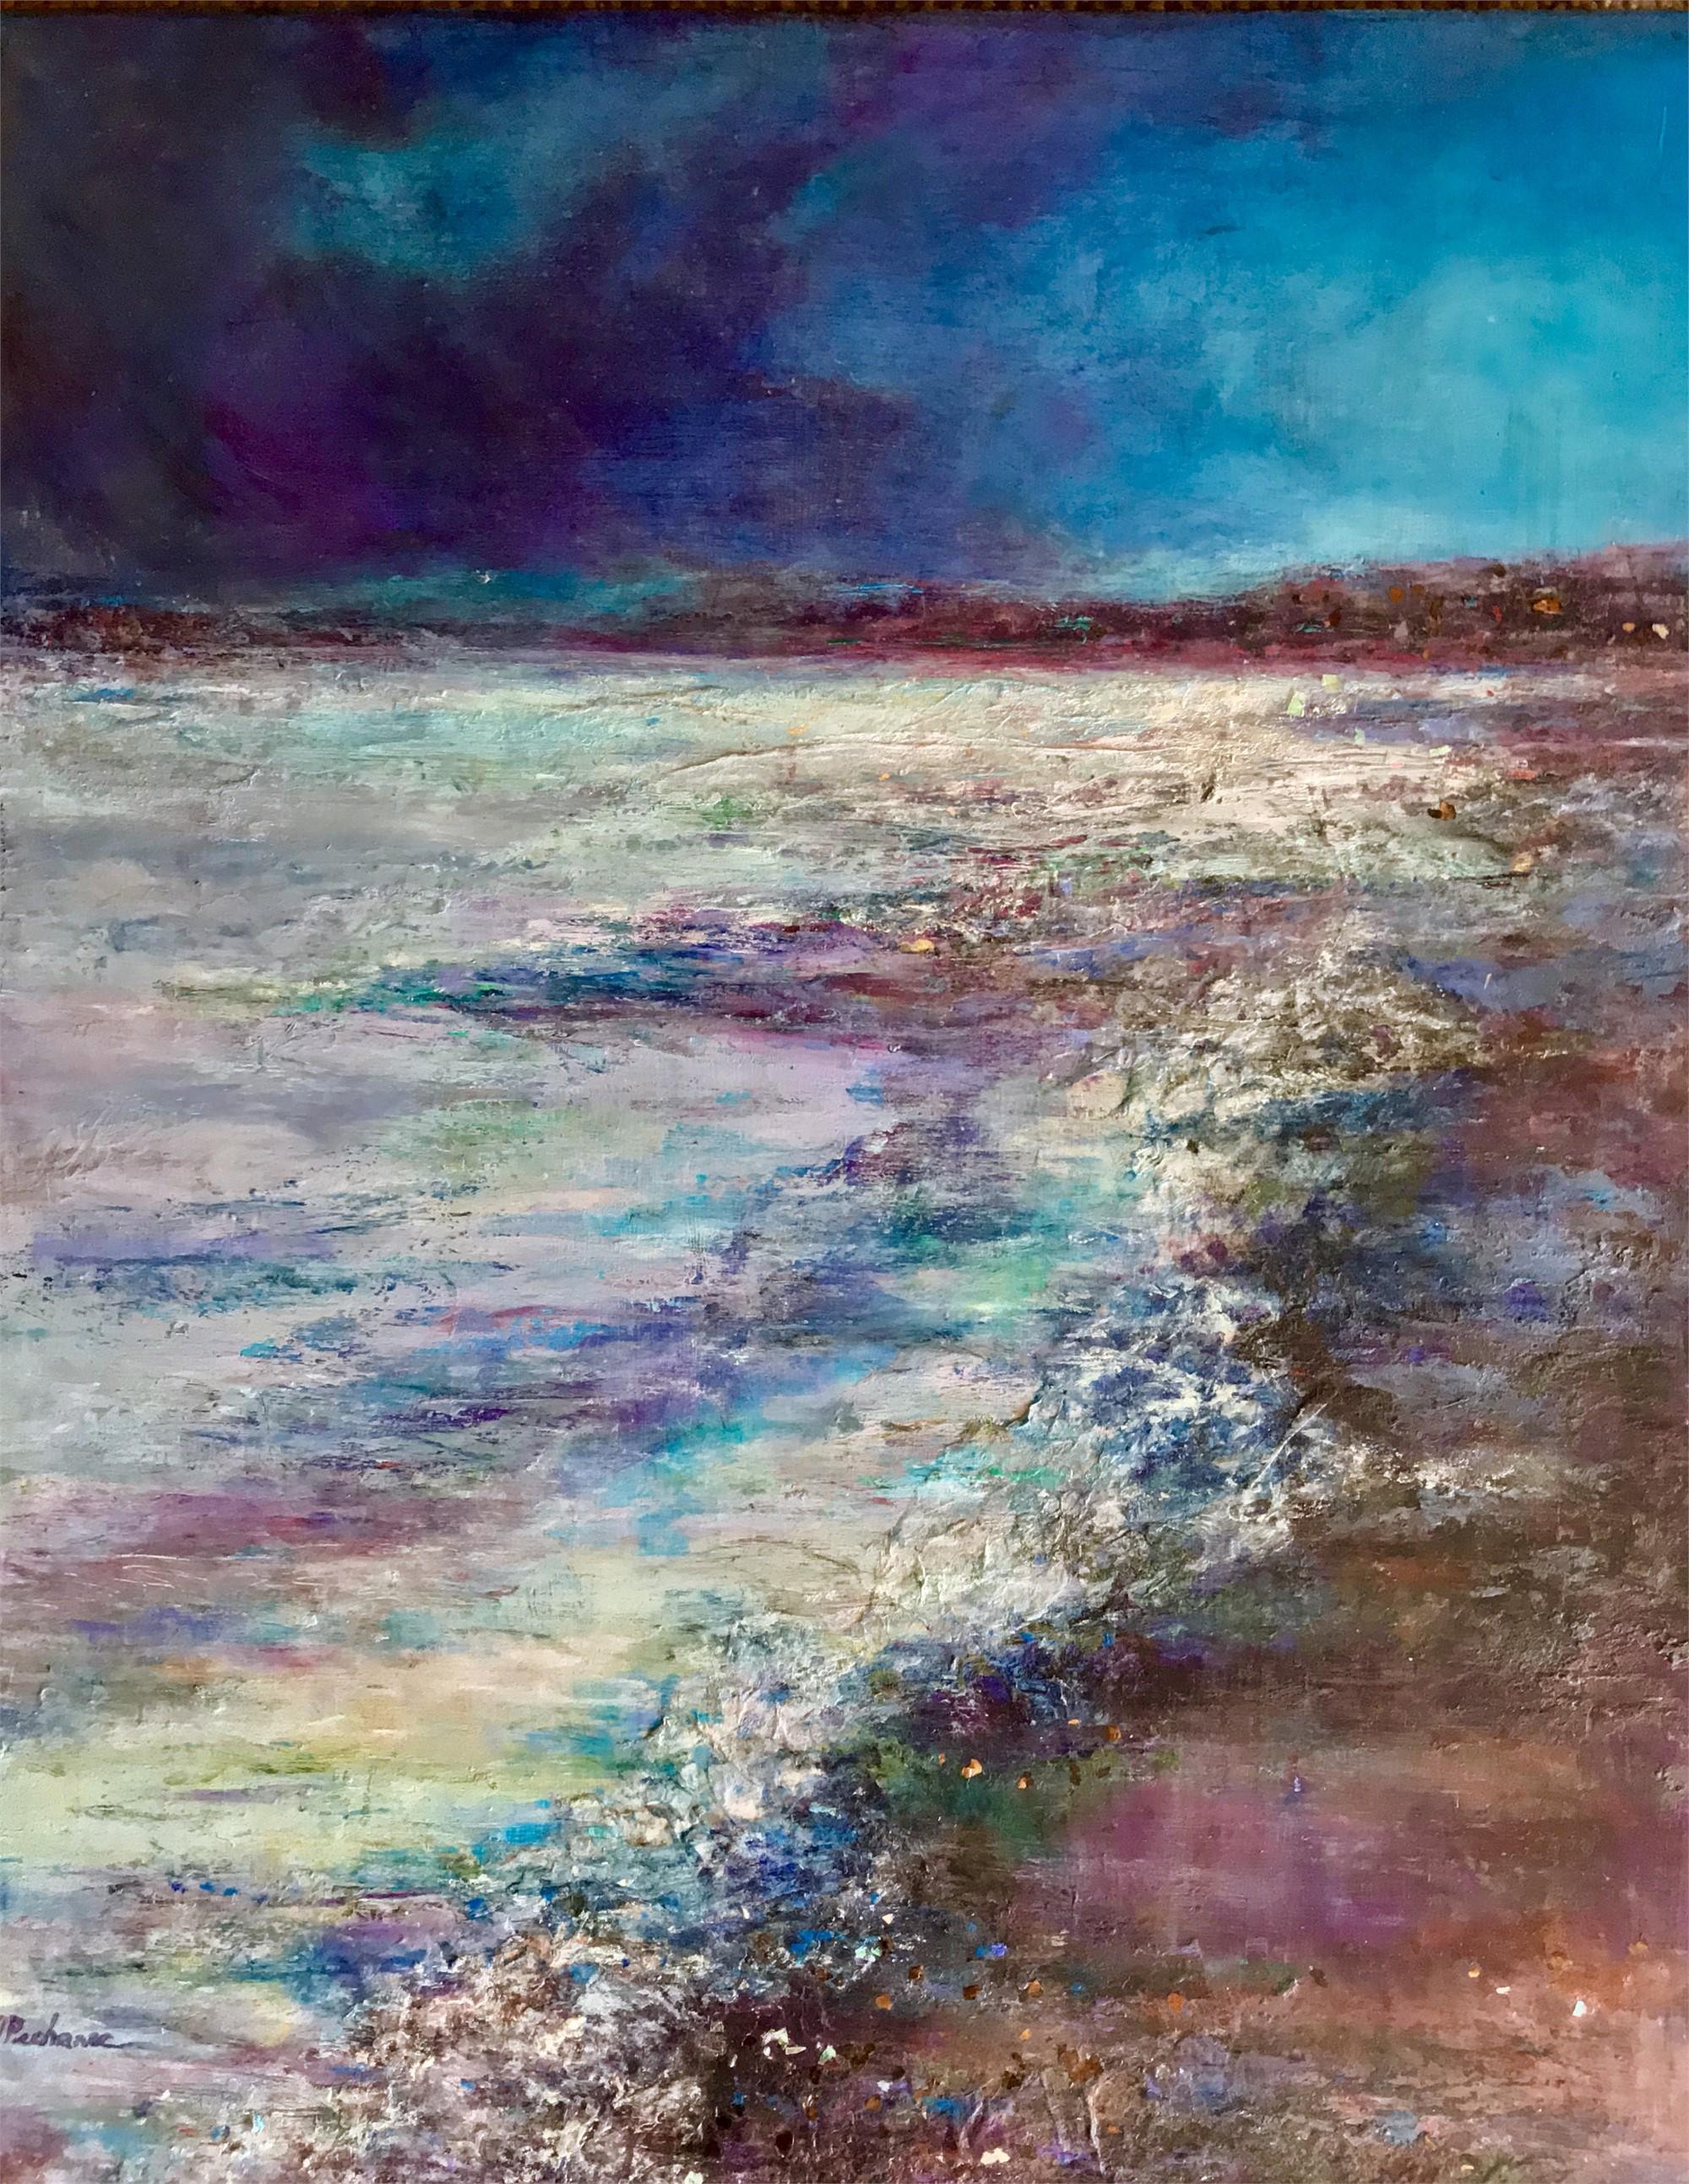 Ocean Dreams by Joan Pechanec (McMinnville, OR)